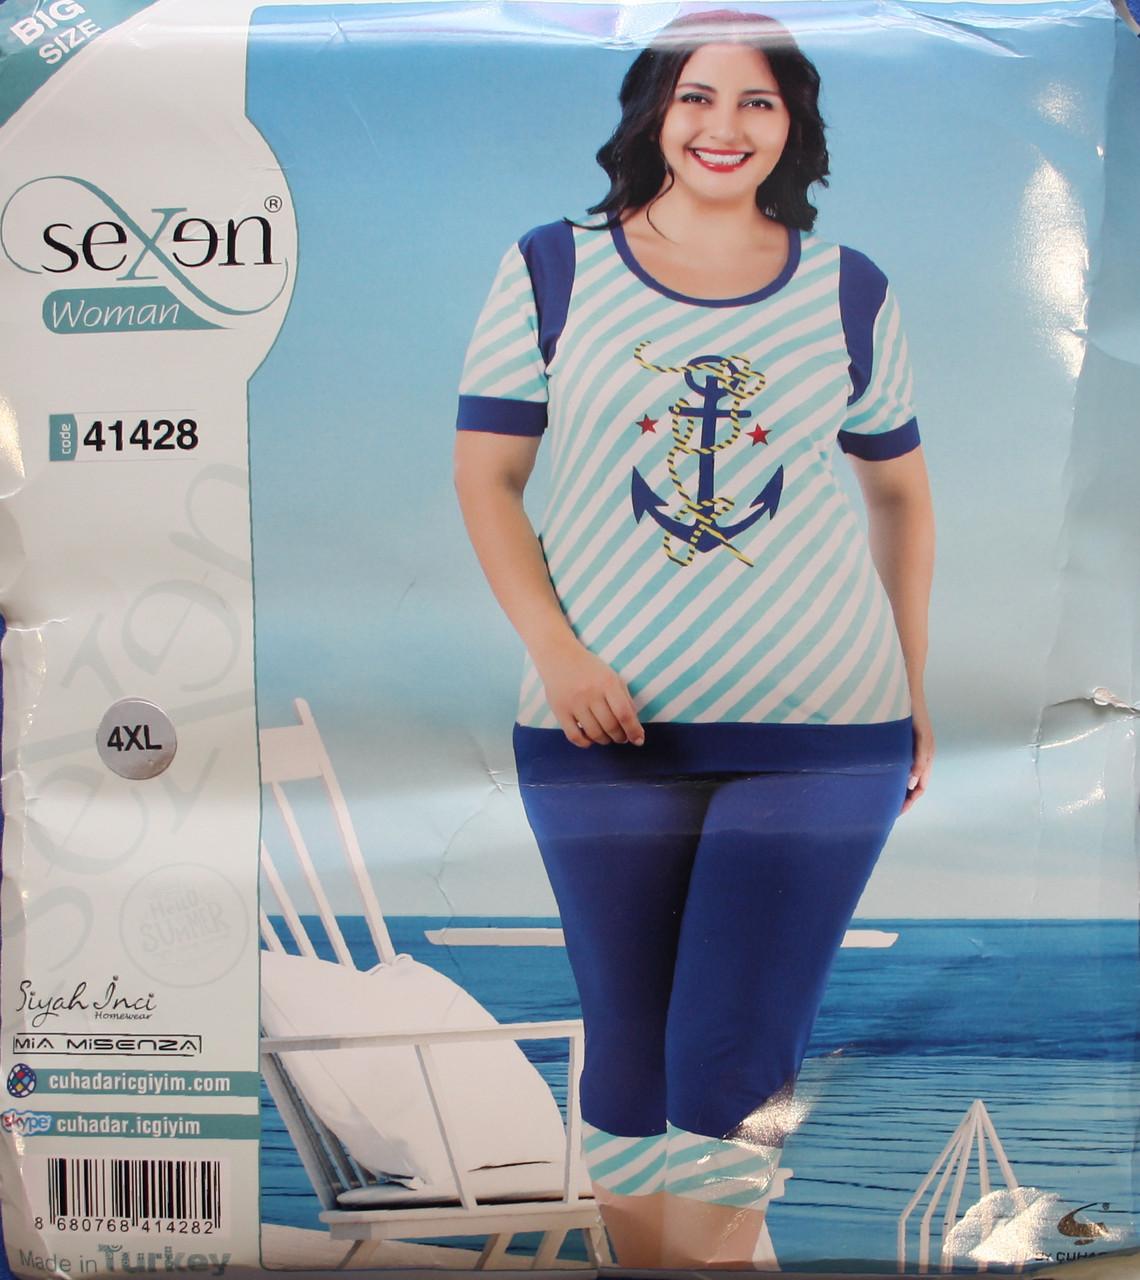 Футболка и бриджи - женская пижама SEXEN (Батал) 41428